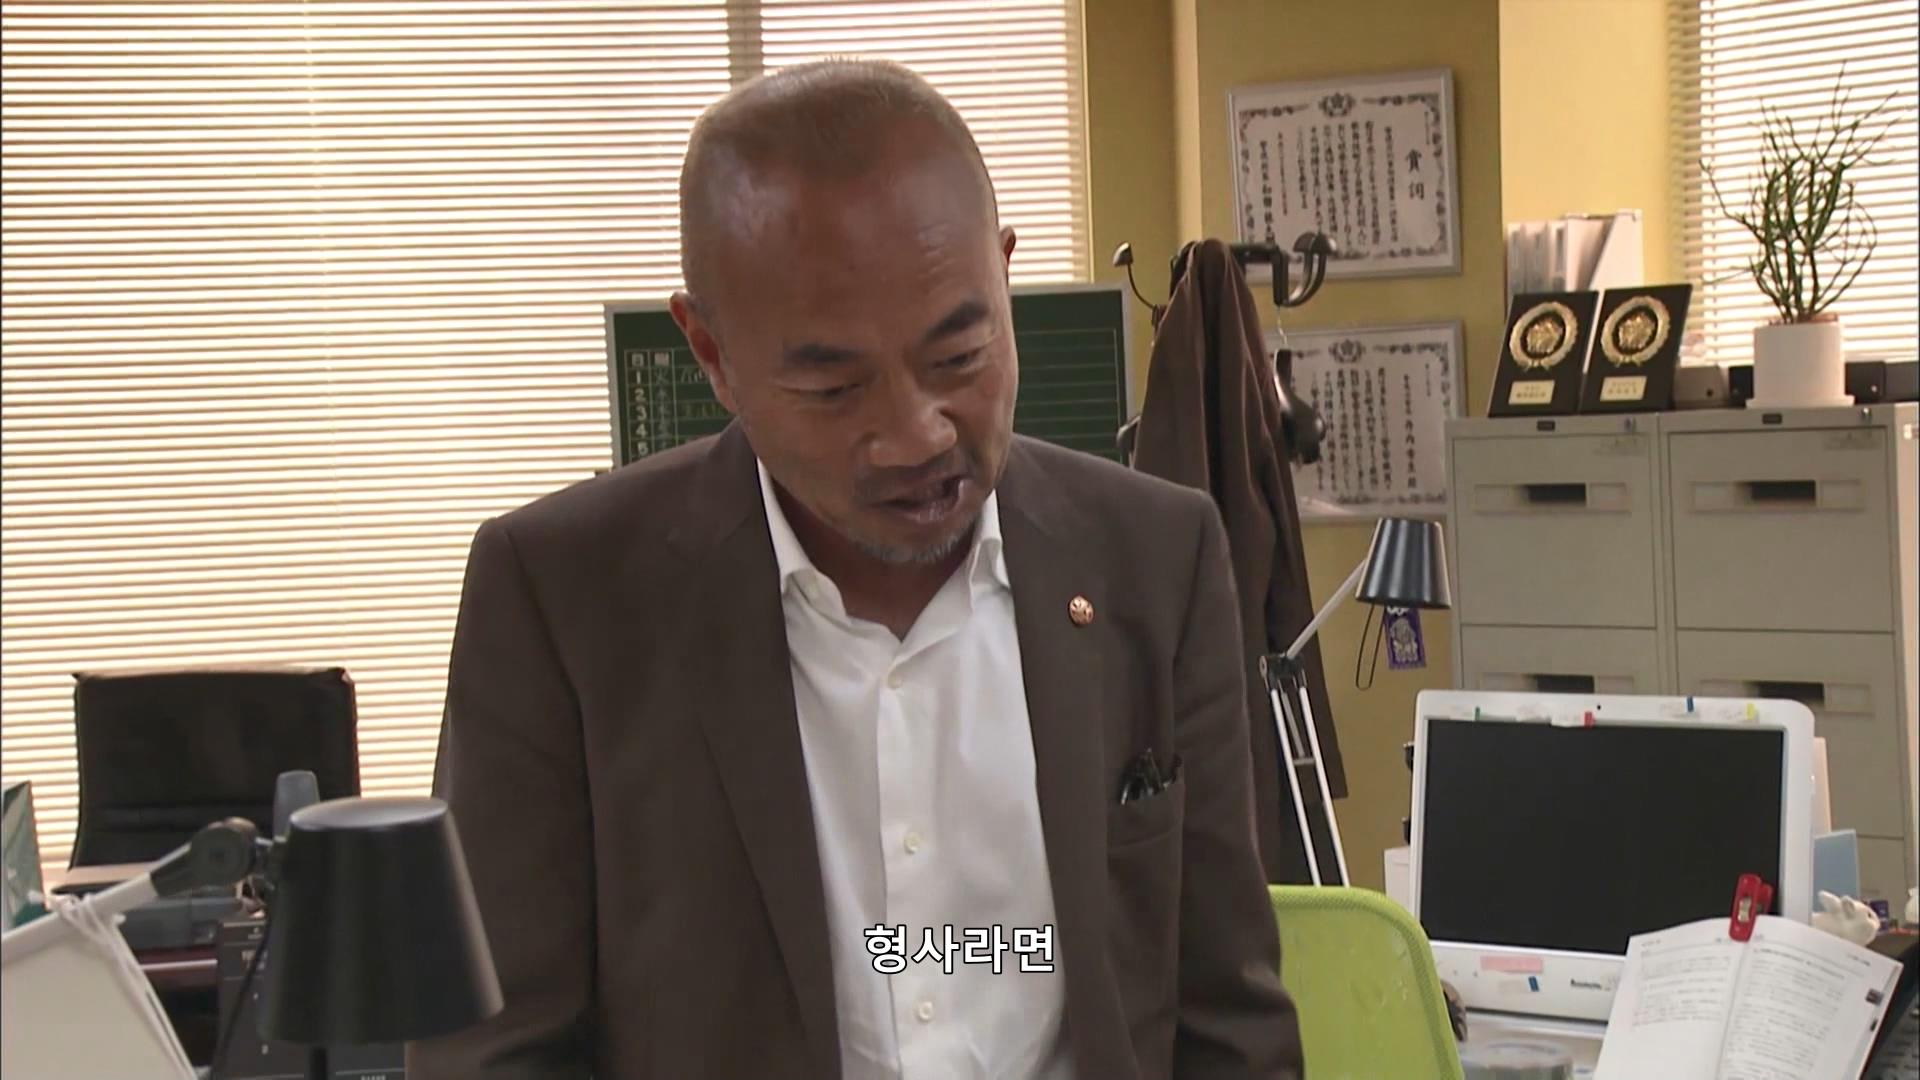 5화 국회의 전설… 미니스커트 의원은 살인범!?